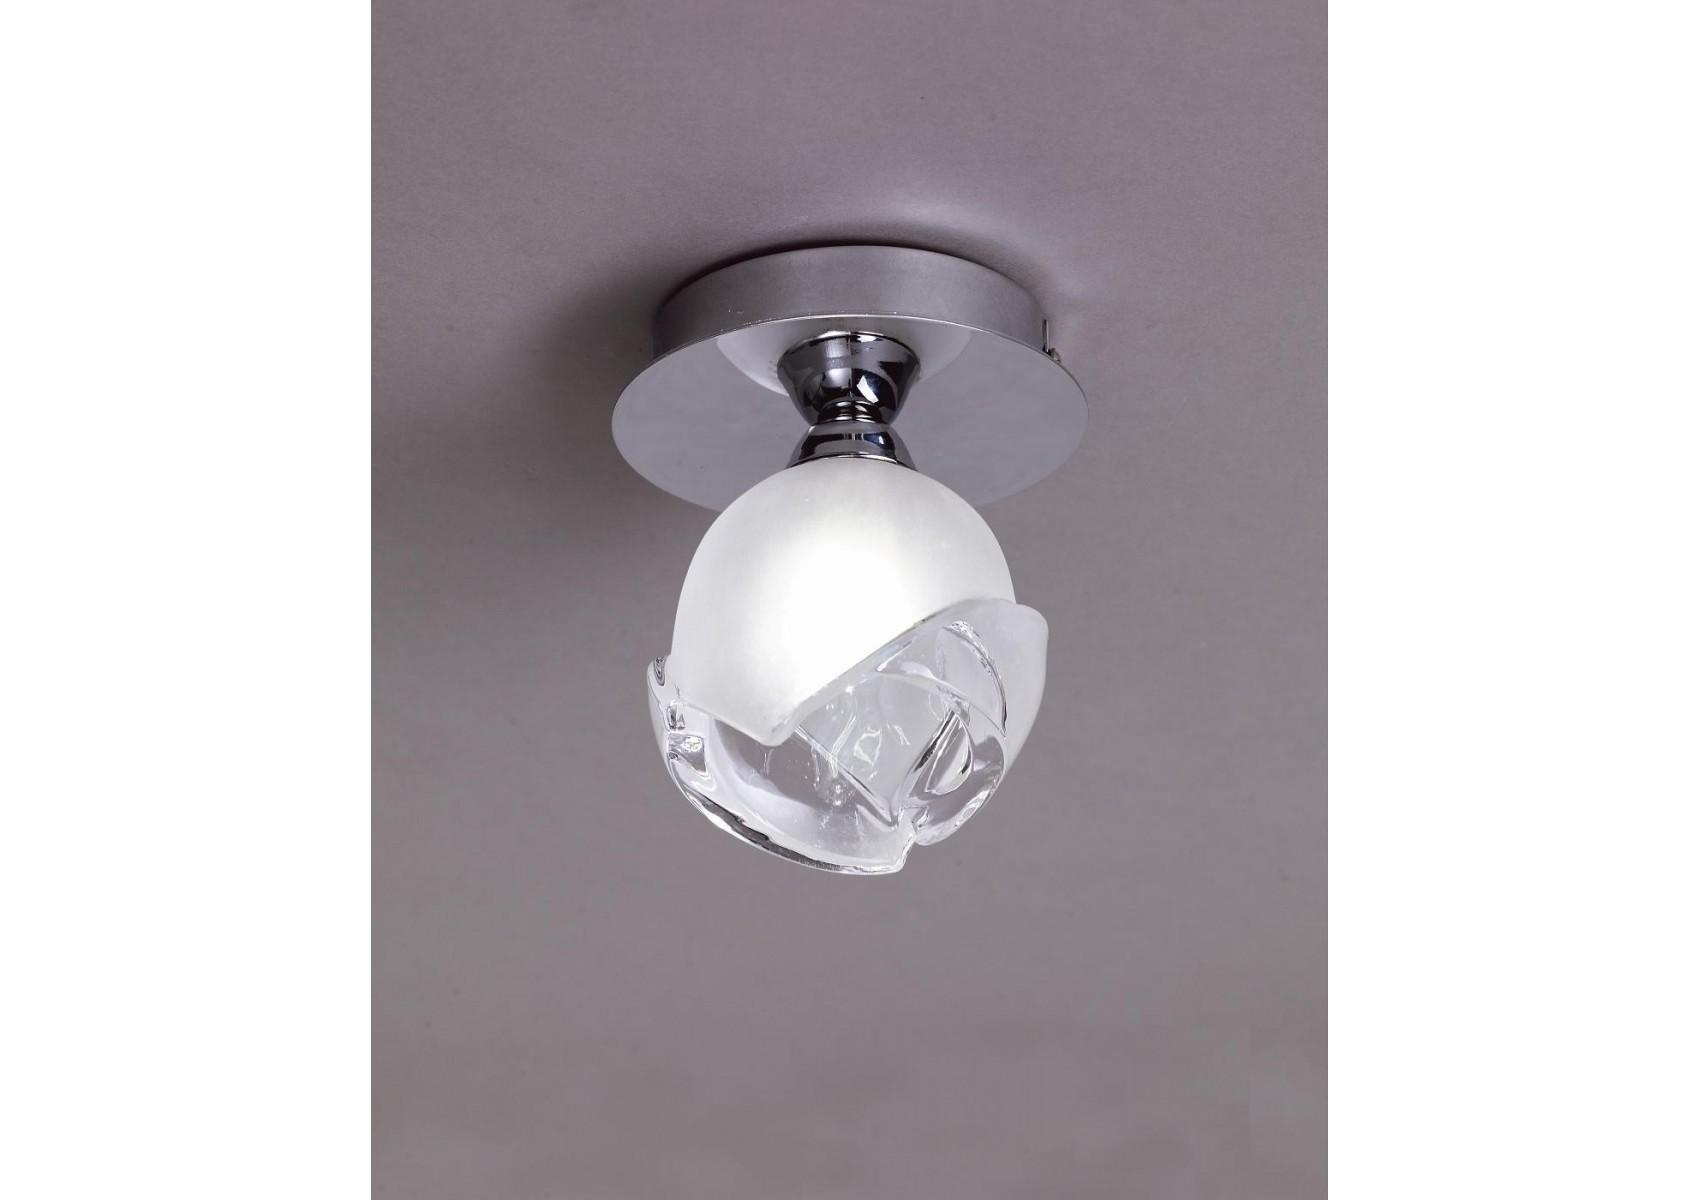 plafonnier design bali cromo 1l ampoule g9 osram mantra 5 Luxe Plafonnier Ampoule Uqw1